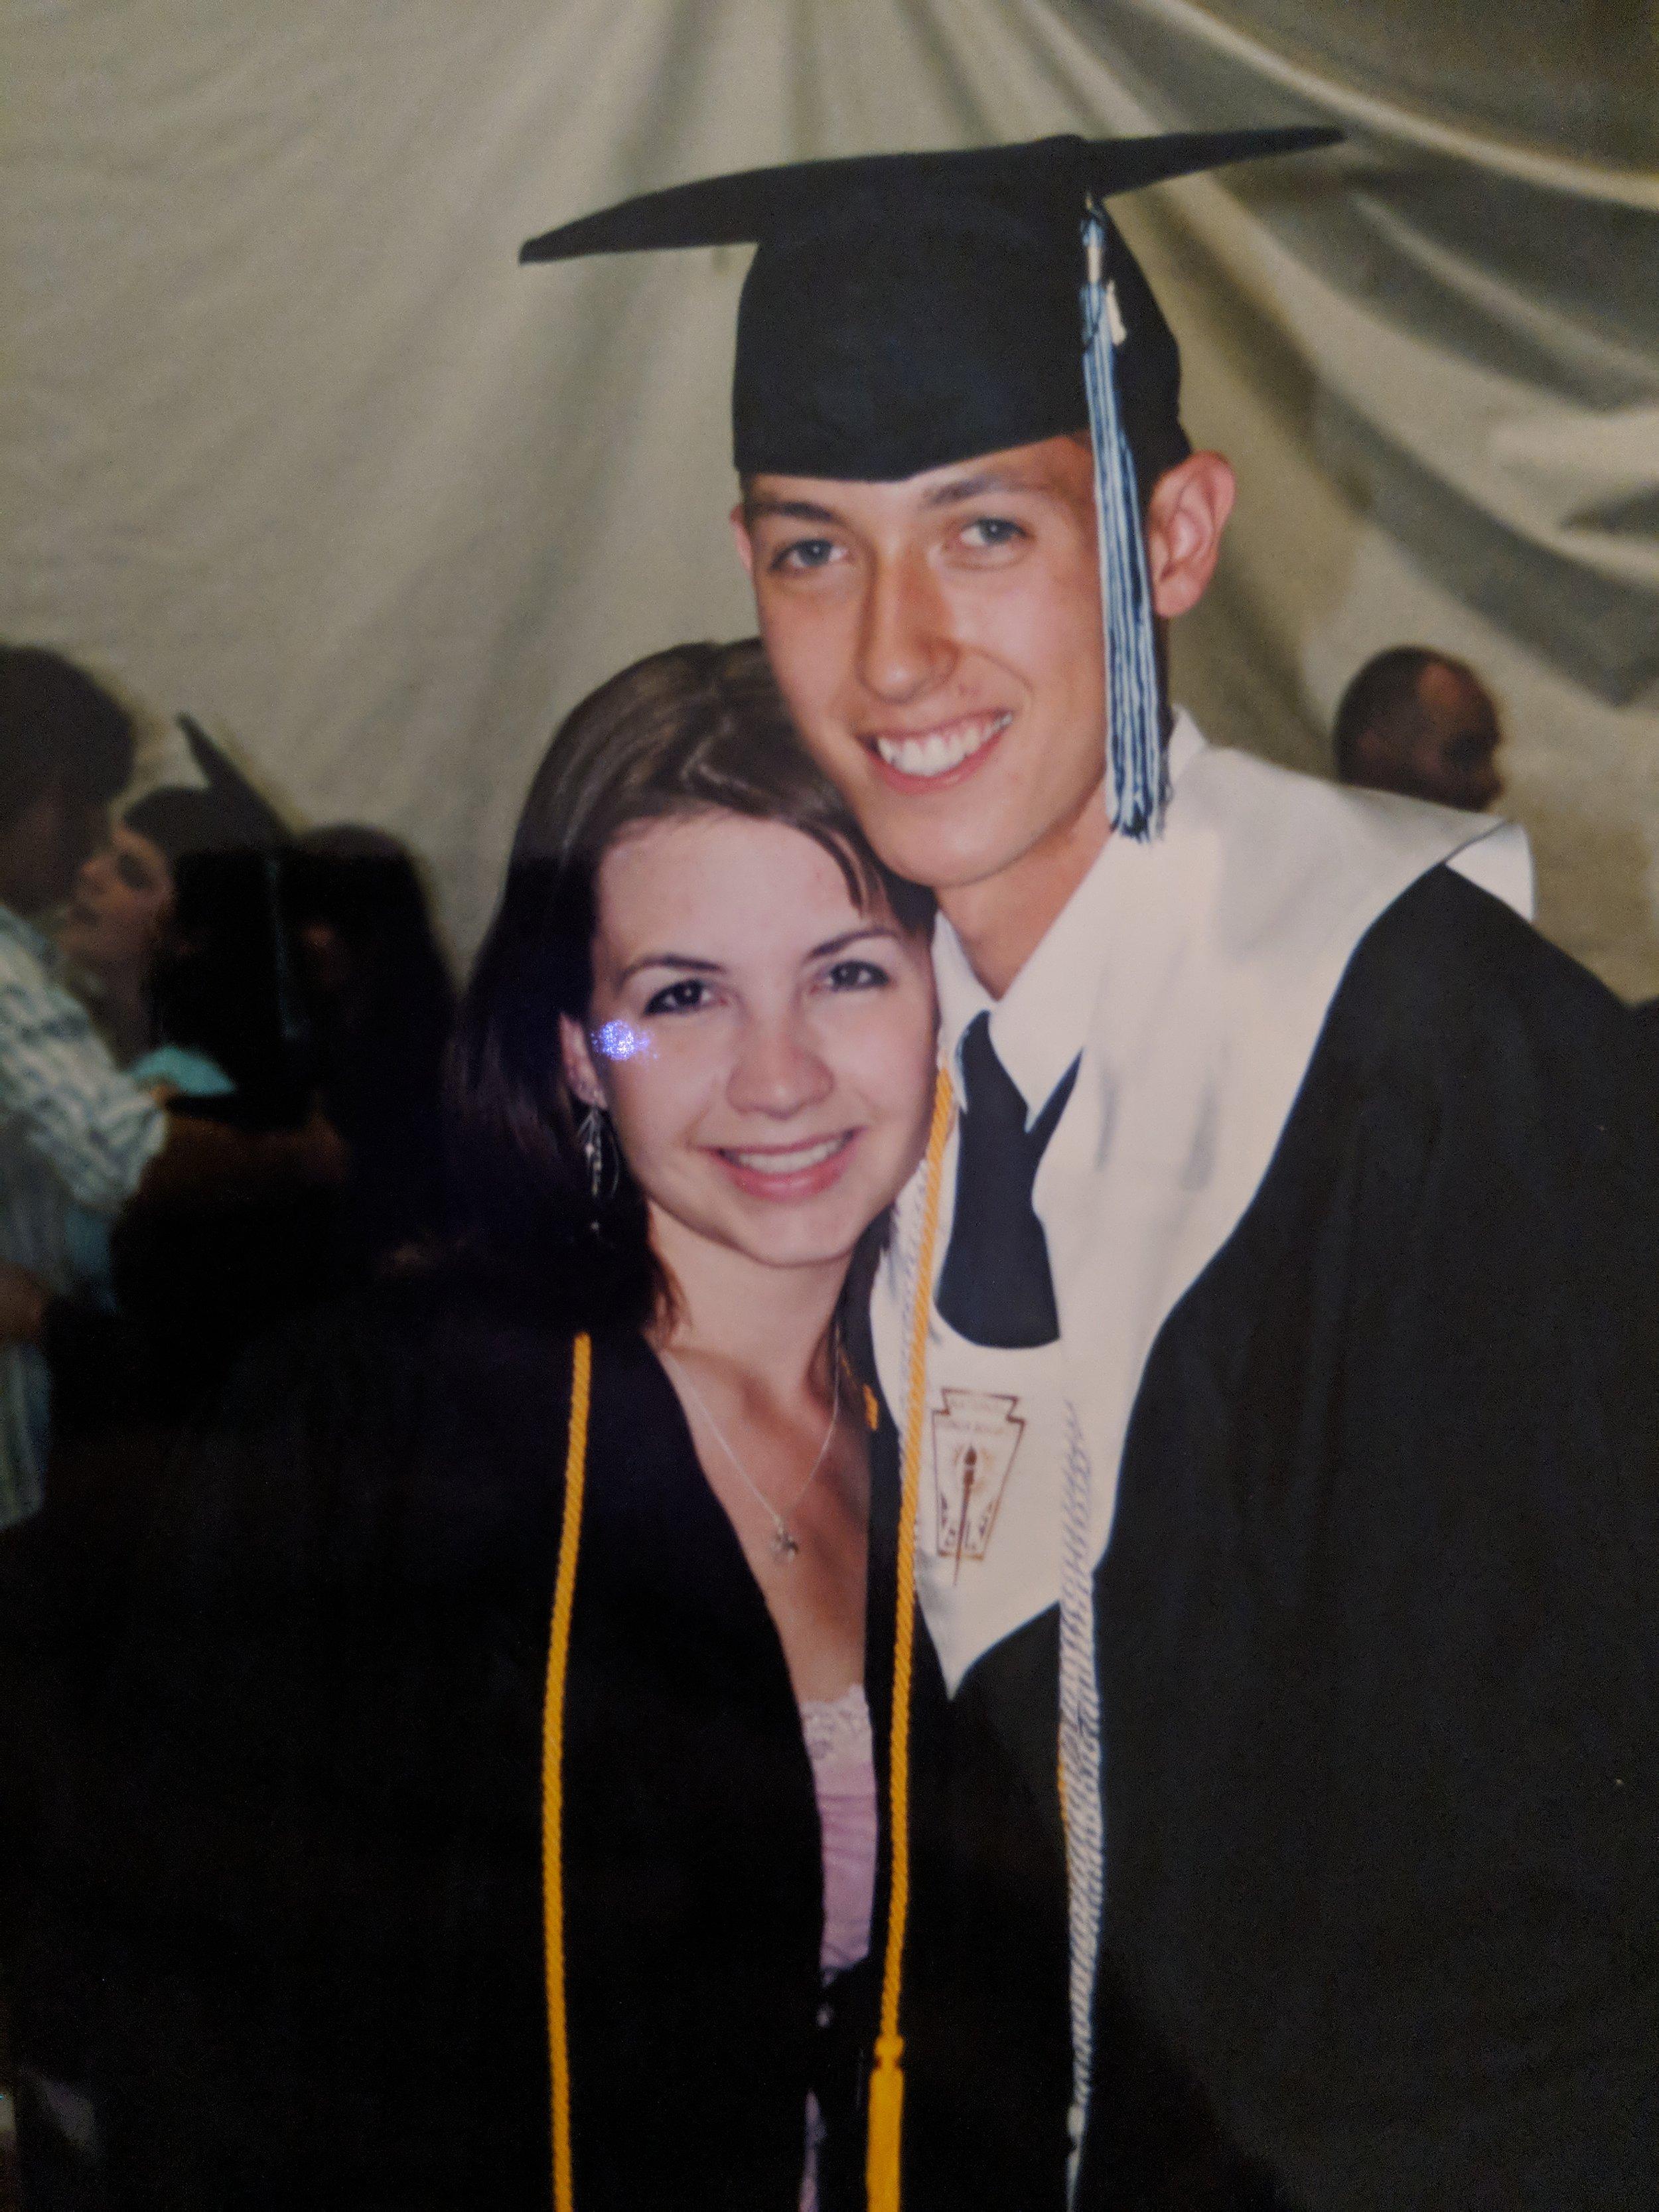 Graduation Day, May 2005